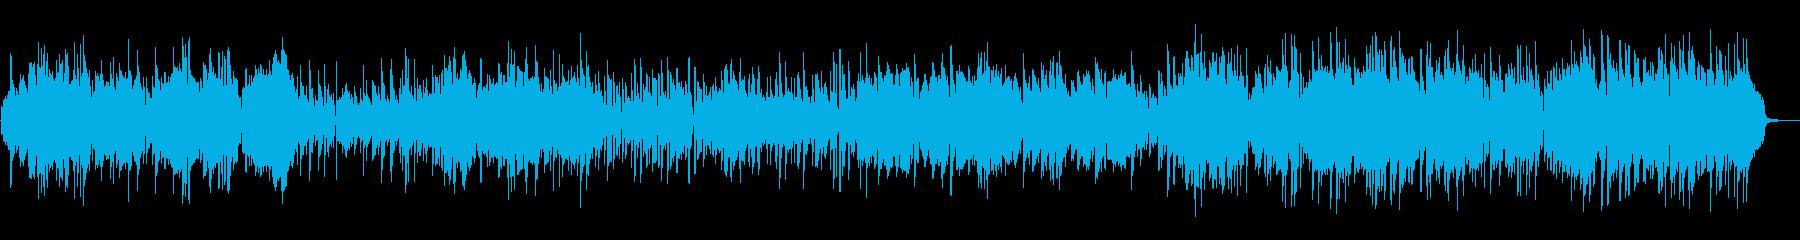 クラリネットとアコーディオのパリ風楽曲の再生済みの波形